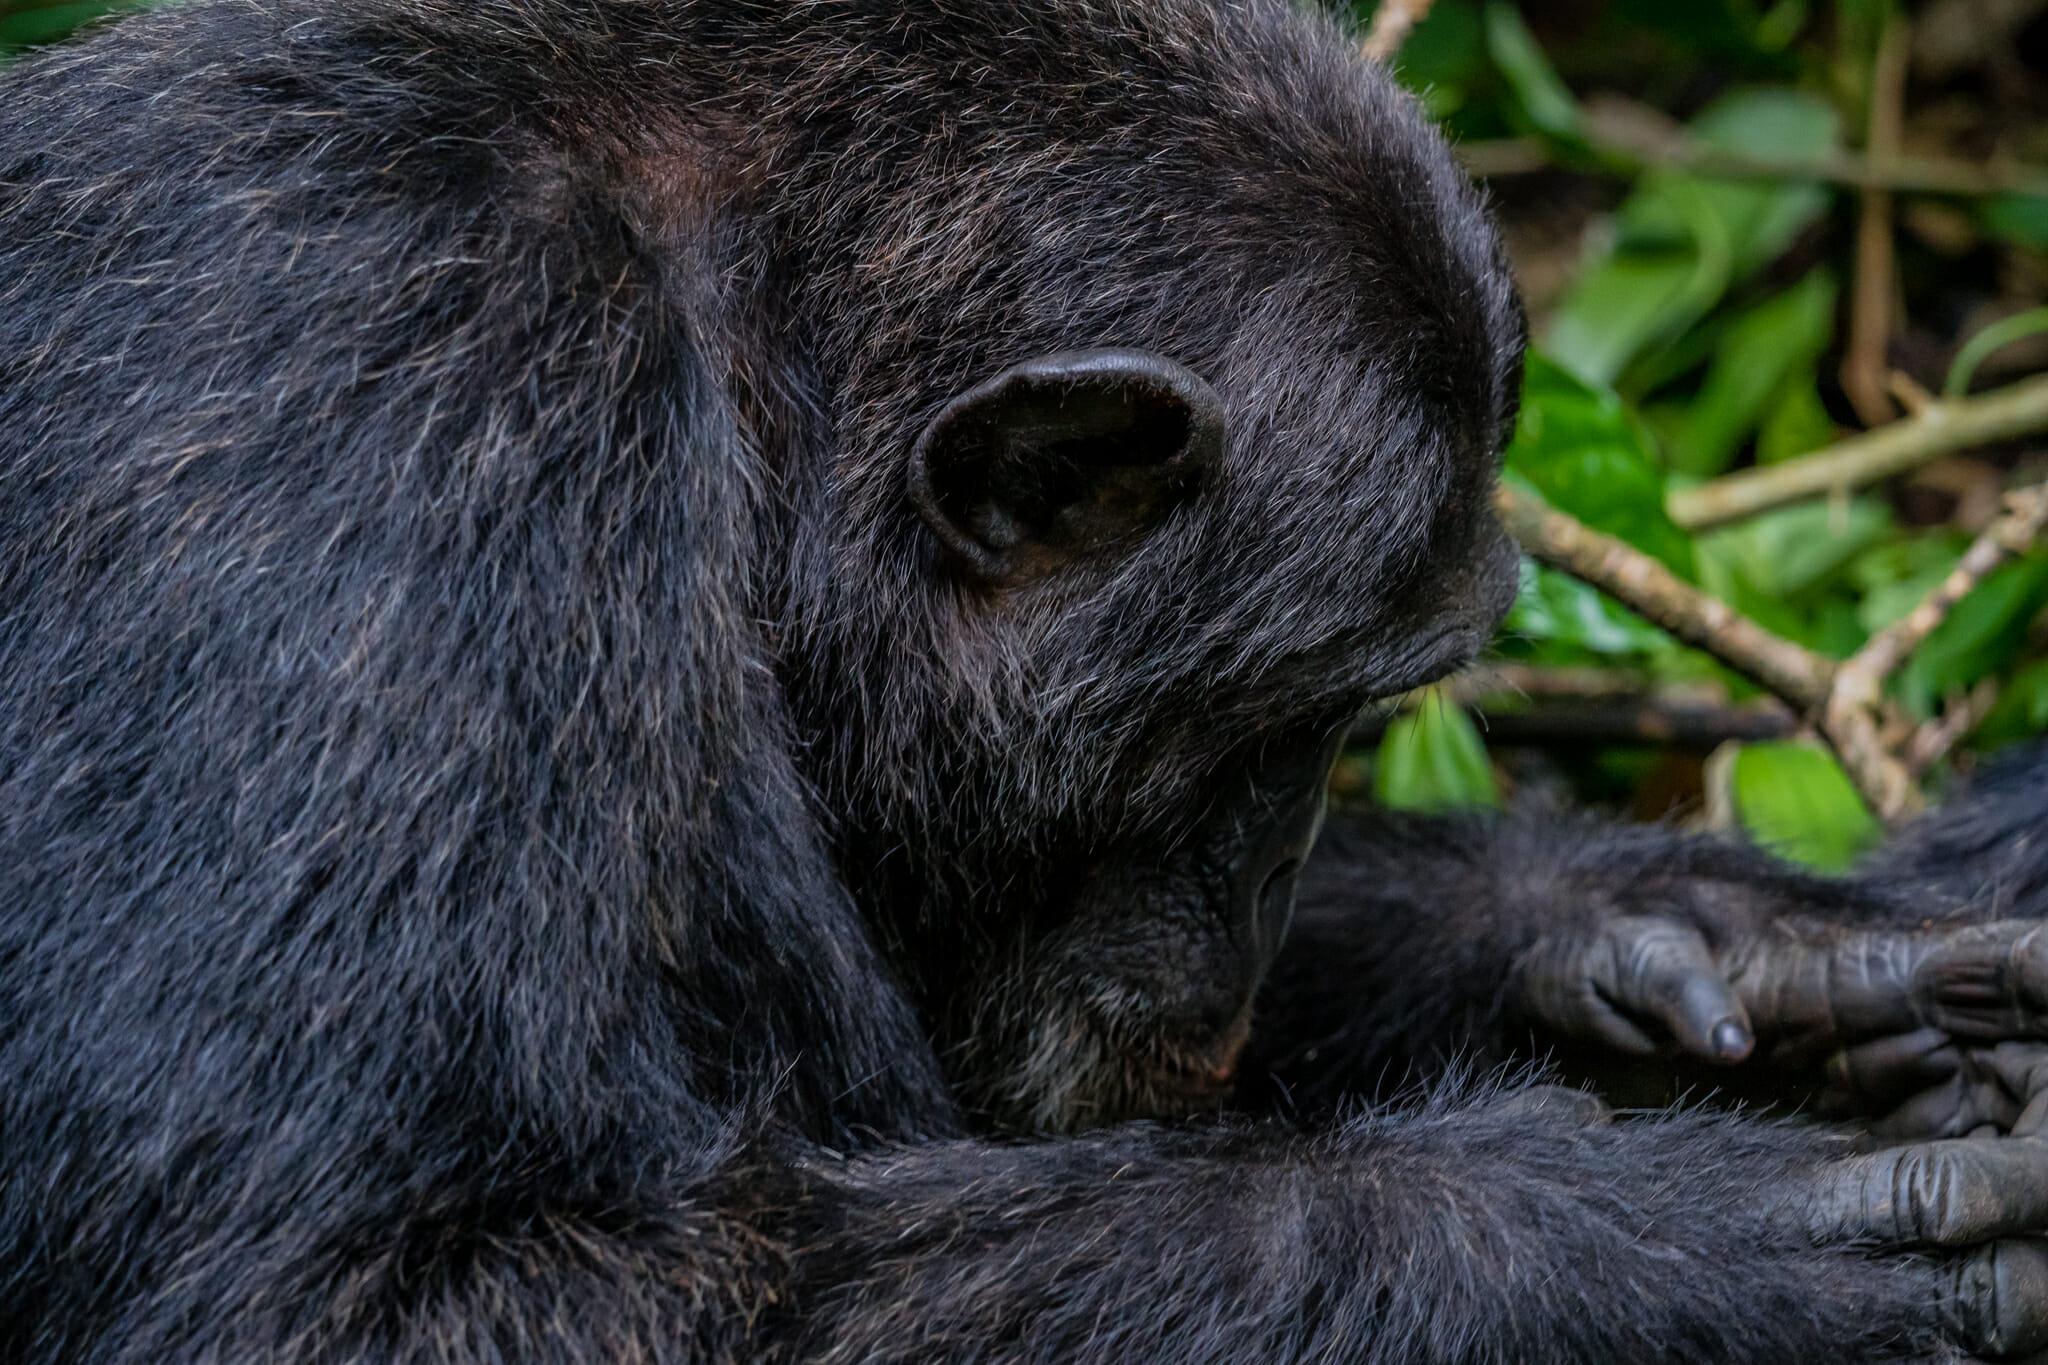 rencontre avec un chimpanzé dans la foret de kibale en Ouganda